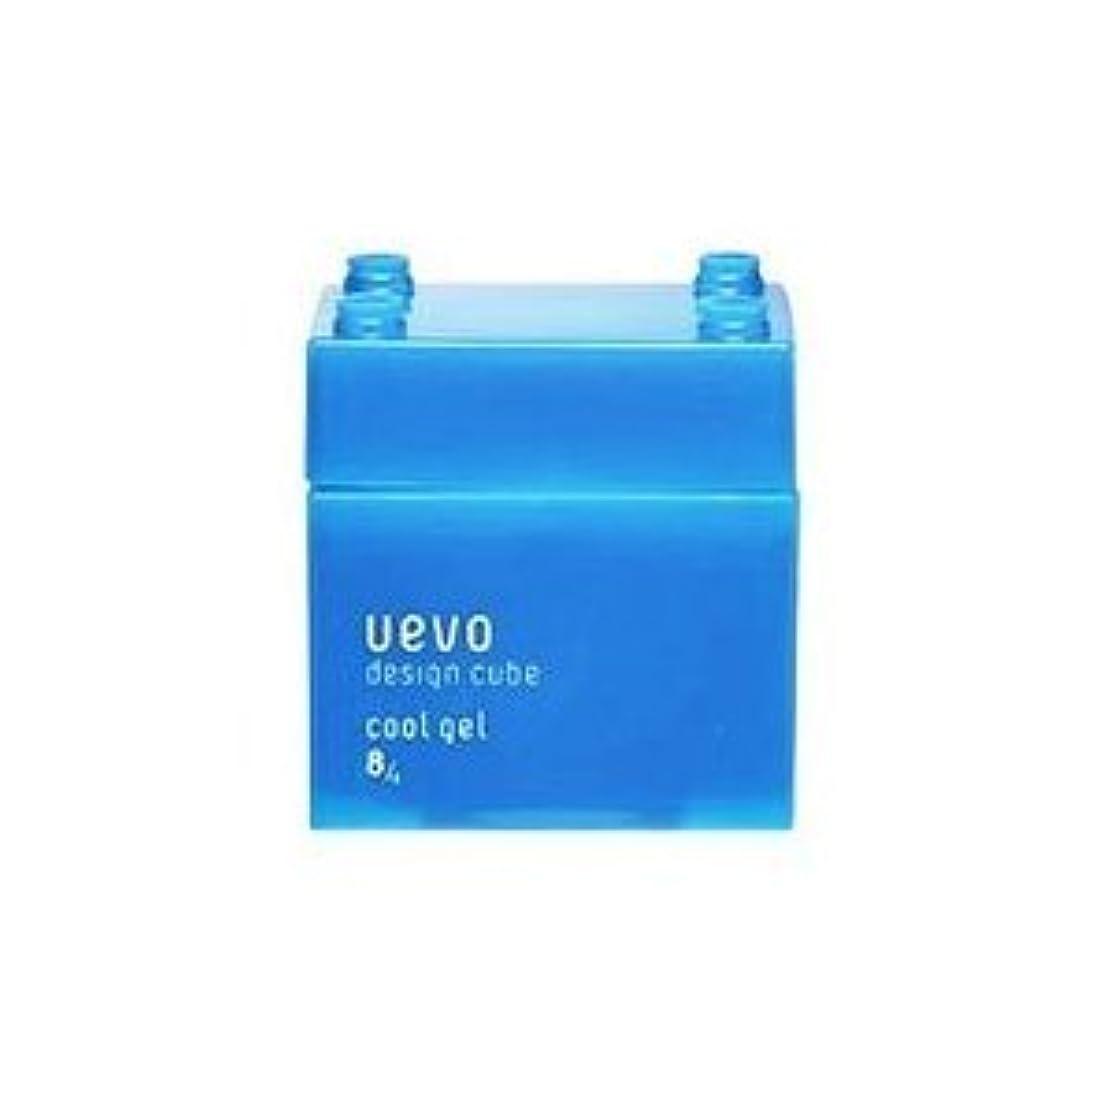 相続人流体米ドル【X3個セット】 デミ ウェーボ デザインキューブ クールジェル 80g cool gel DEMI uevo design cube